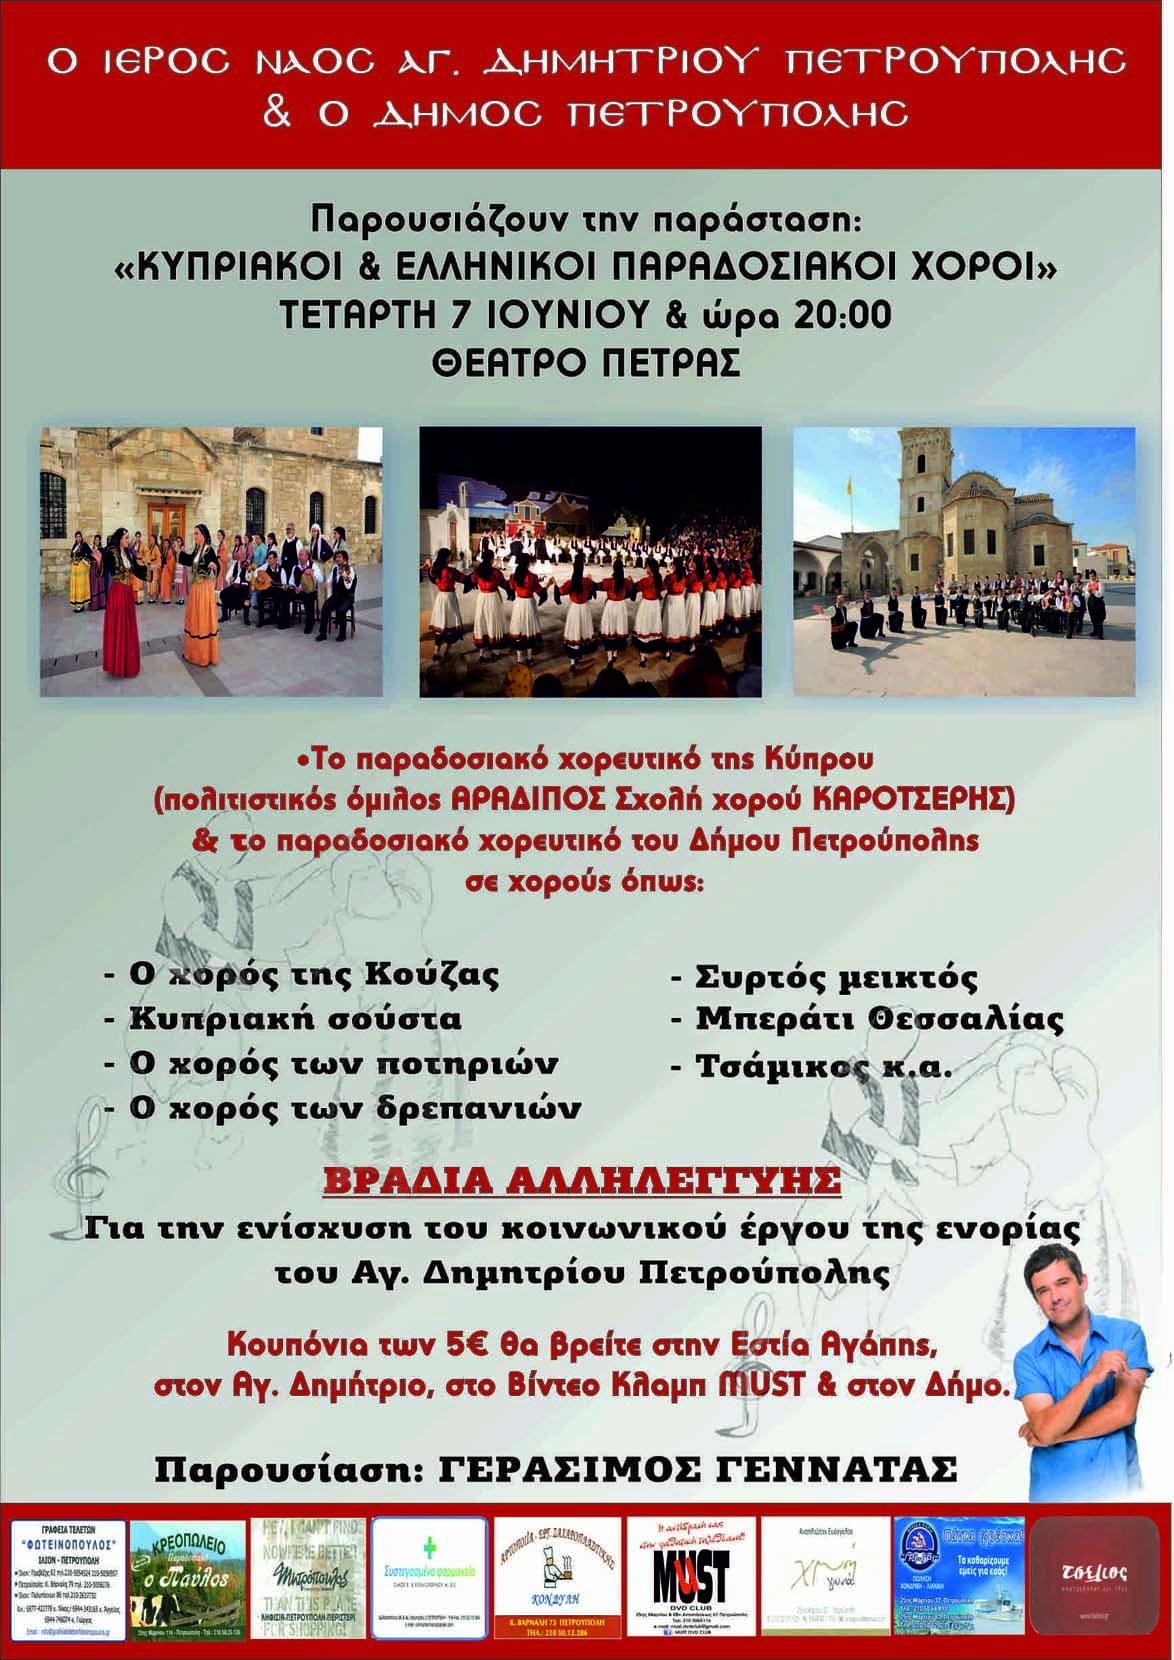 Εκτυπώσεις - Φωτοτυπίες - Γραφιστικά   Copyshop2.gr - Πετρούπολη   Ιερός Ναός Αγ.Δημητρίου & Δήμος Πετρούπολης